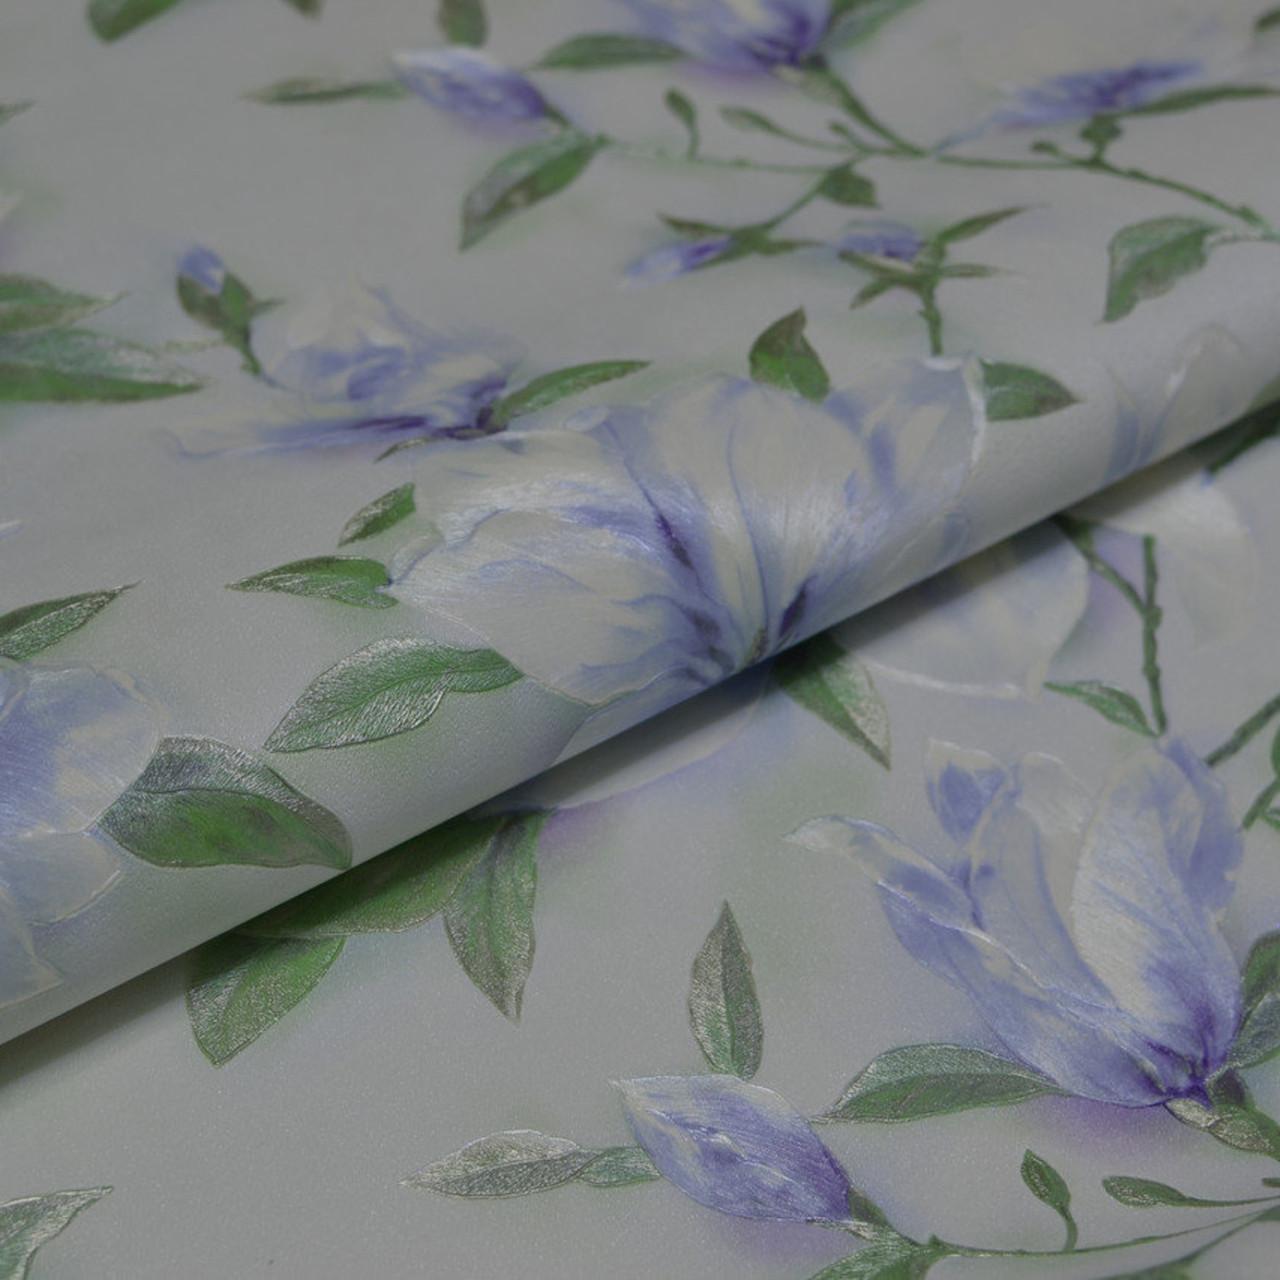 Обои на стену, винил на флизелине, цветы 9080-27, пара 9090-17, 1,06*10м